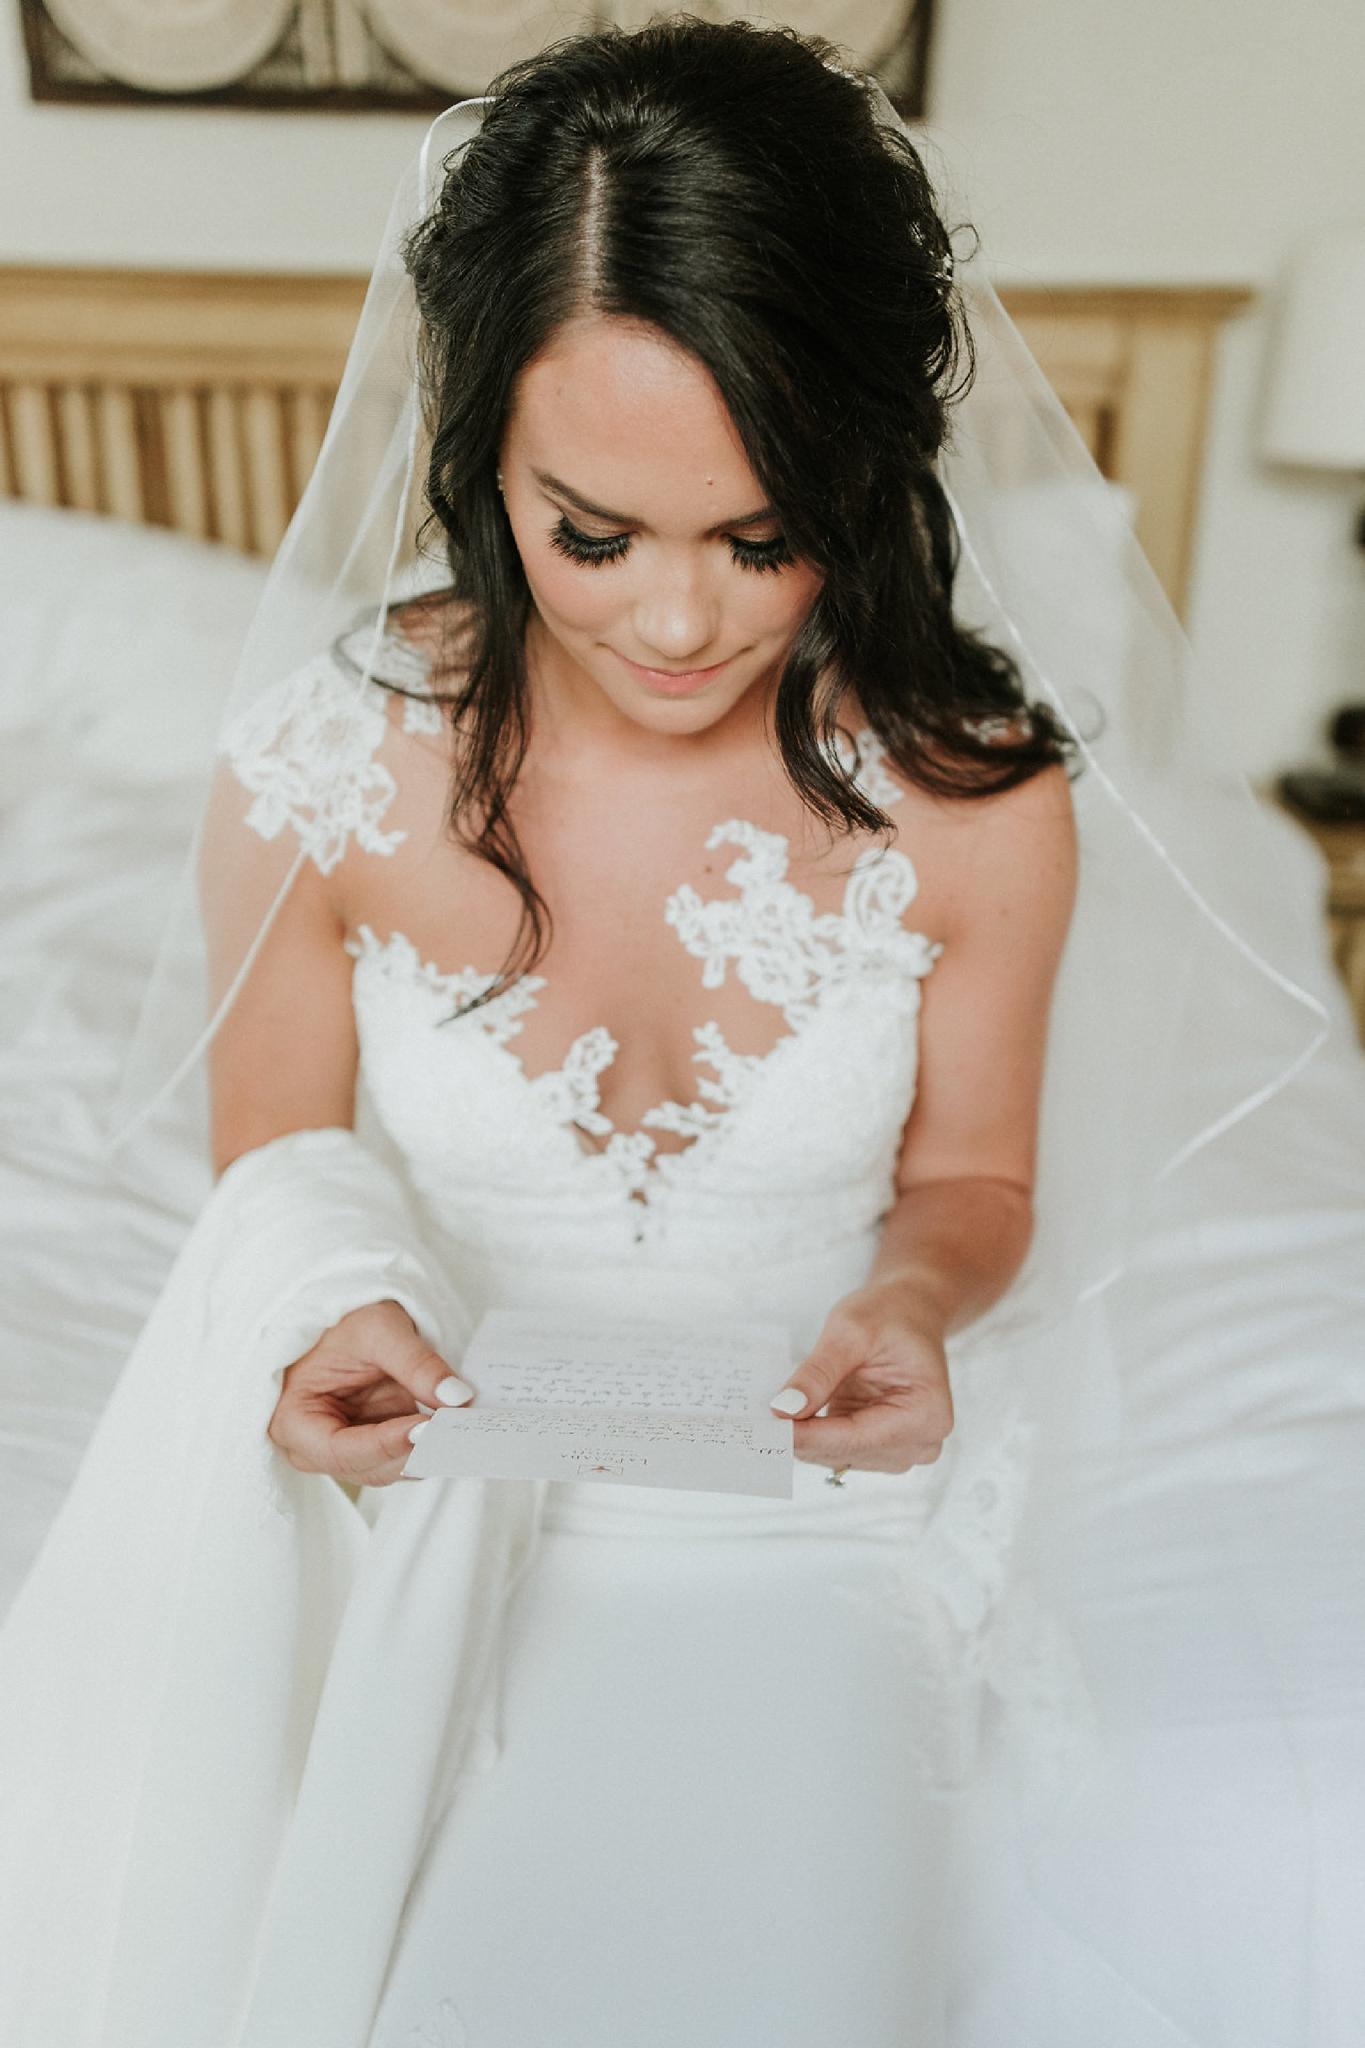 Alicia+lucia+photography+-+albuquerque+wedding+photographer+-+santa+fe+wedding+photography+-+new+mexico+wedding+photographer+-+new+mexico+wedding+-+wedding+makeup+-+makeup+artist+-+wedding+makeup+artist+-+bridal+makeup_0044.jpg